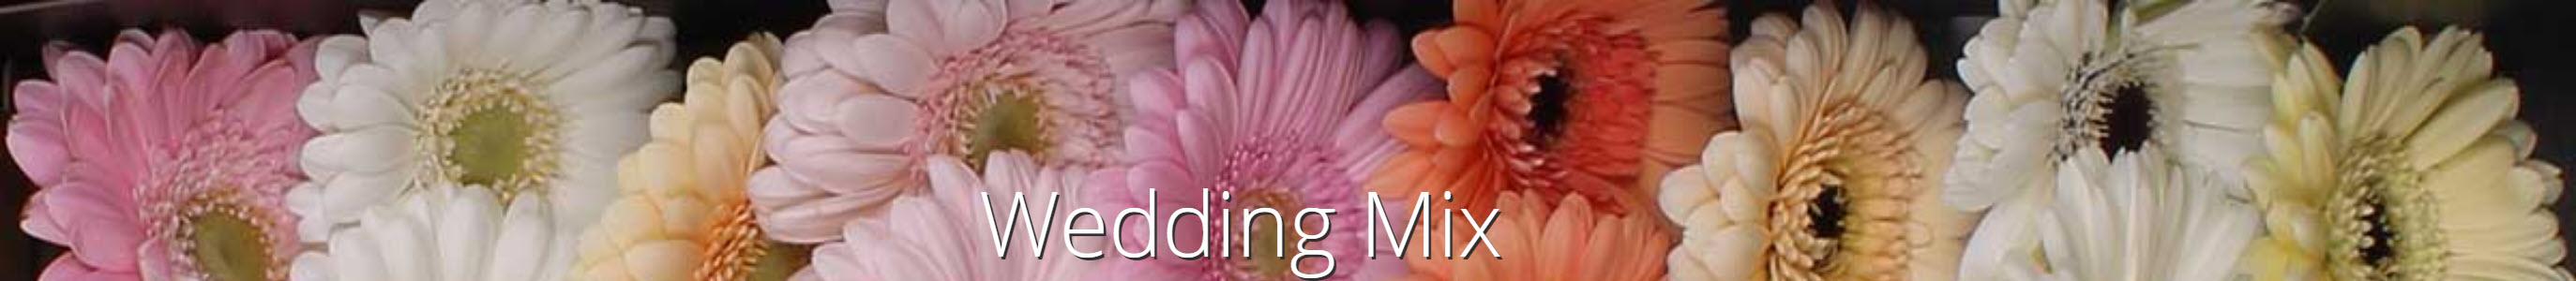 wedding mix jac oudijk